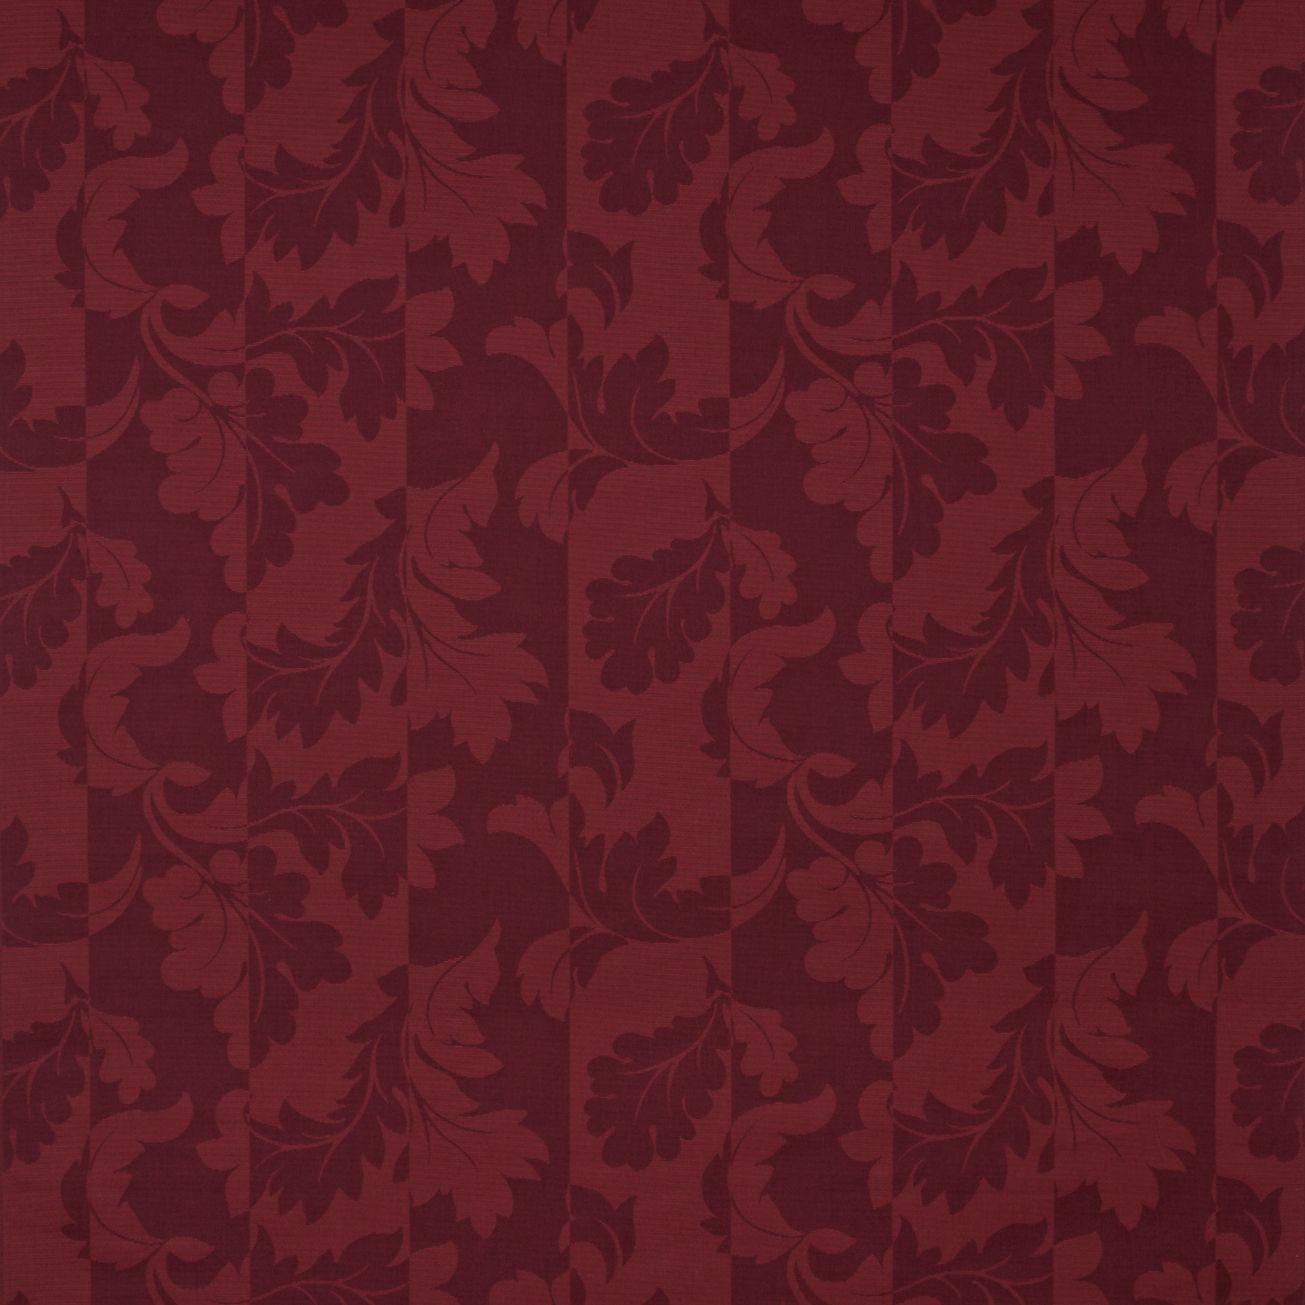 burgundy wallpaper 2015   Grasscloth Wallpaper 1305x1305